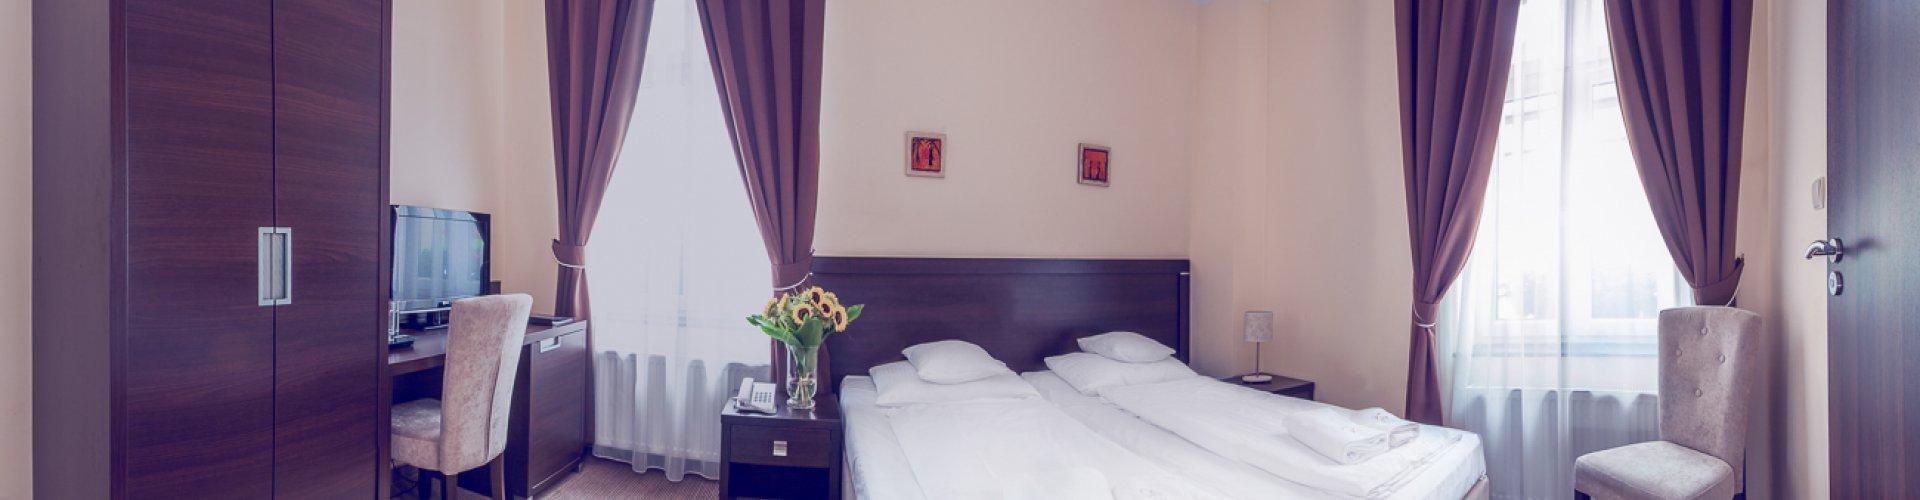 Pokój 2-osobowy Comfort